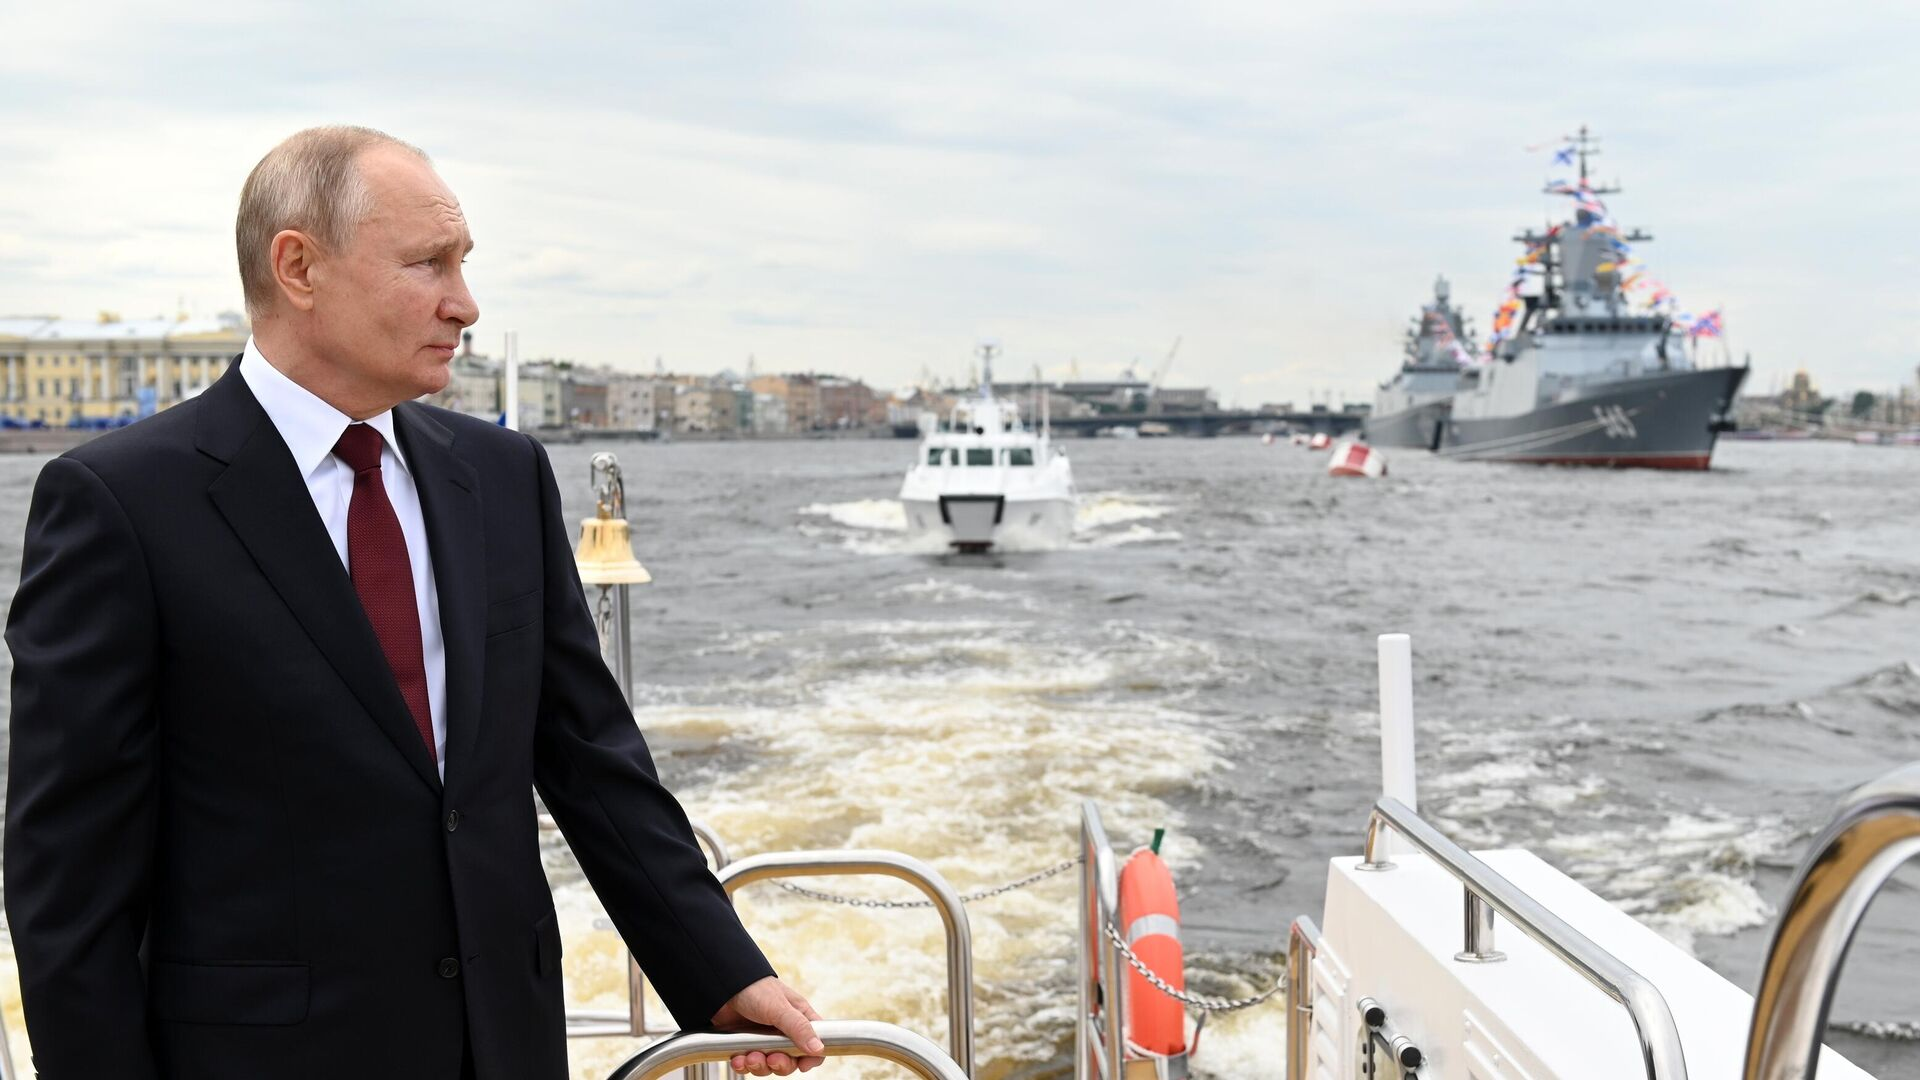 Президент РФ В. Путин принял участие в Главном военно-морском параде - Sputnik Таджикистан, 1920, 27.07.2021